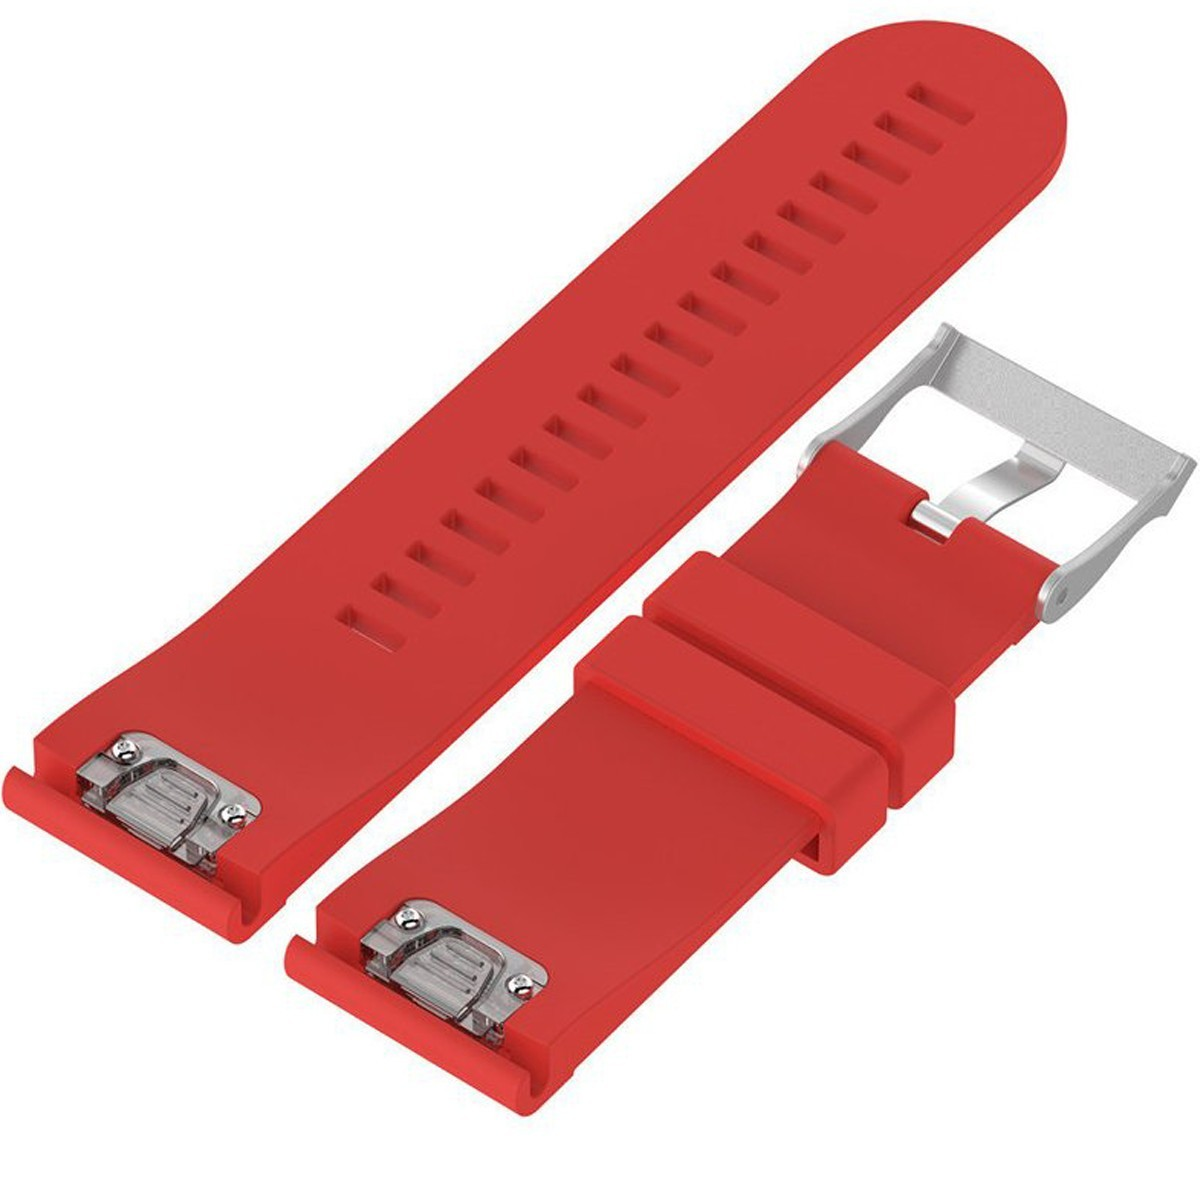 Curea Ceas Smartwatch Garmin Fenix 3 / Fenix 5x, 26 Mm Silicon Iuni Red